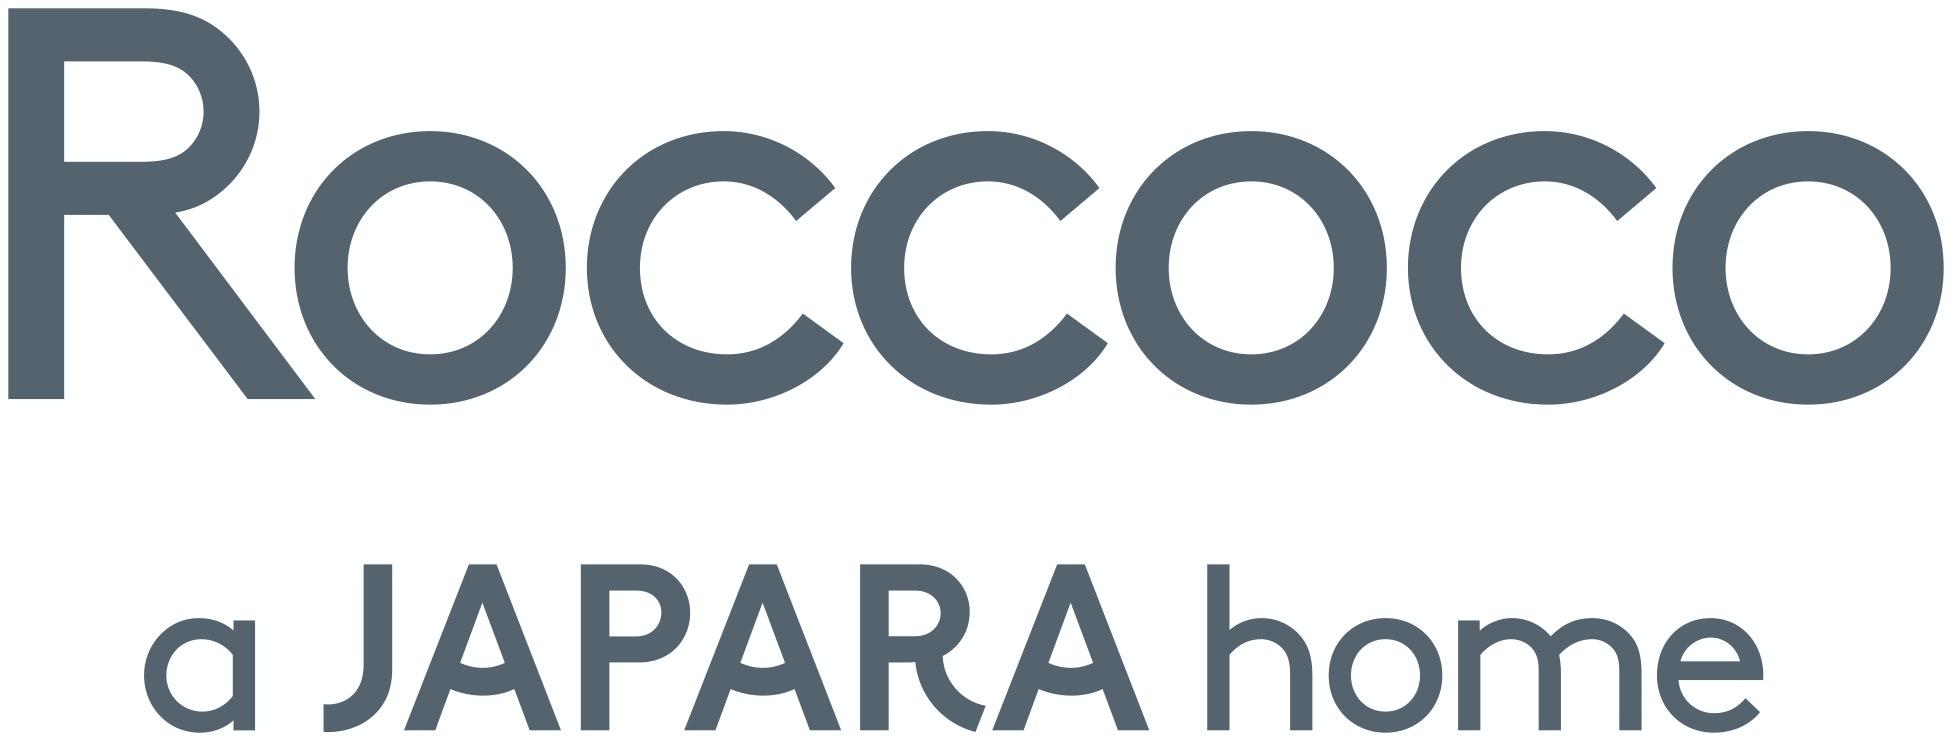 Roccoco logo